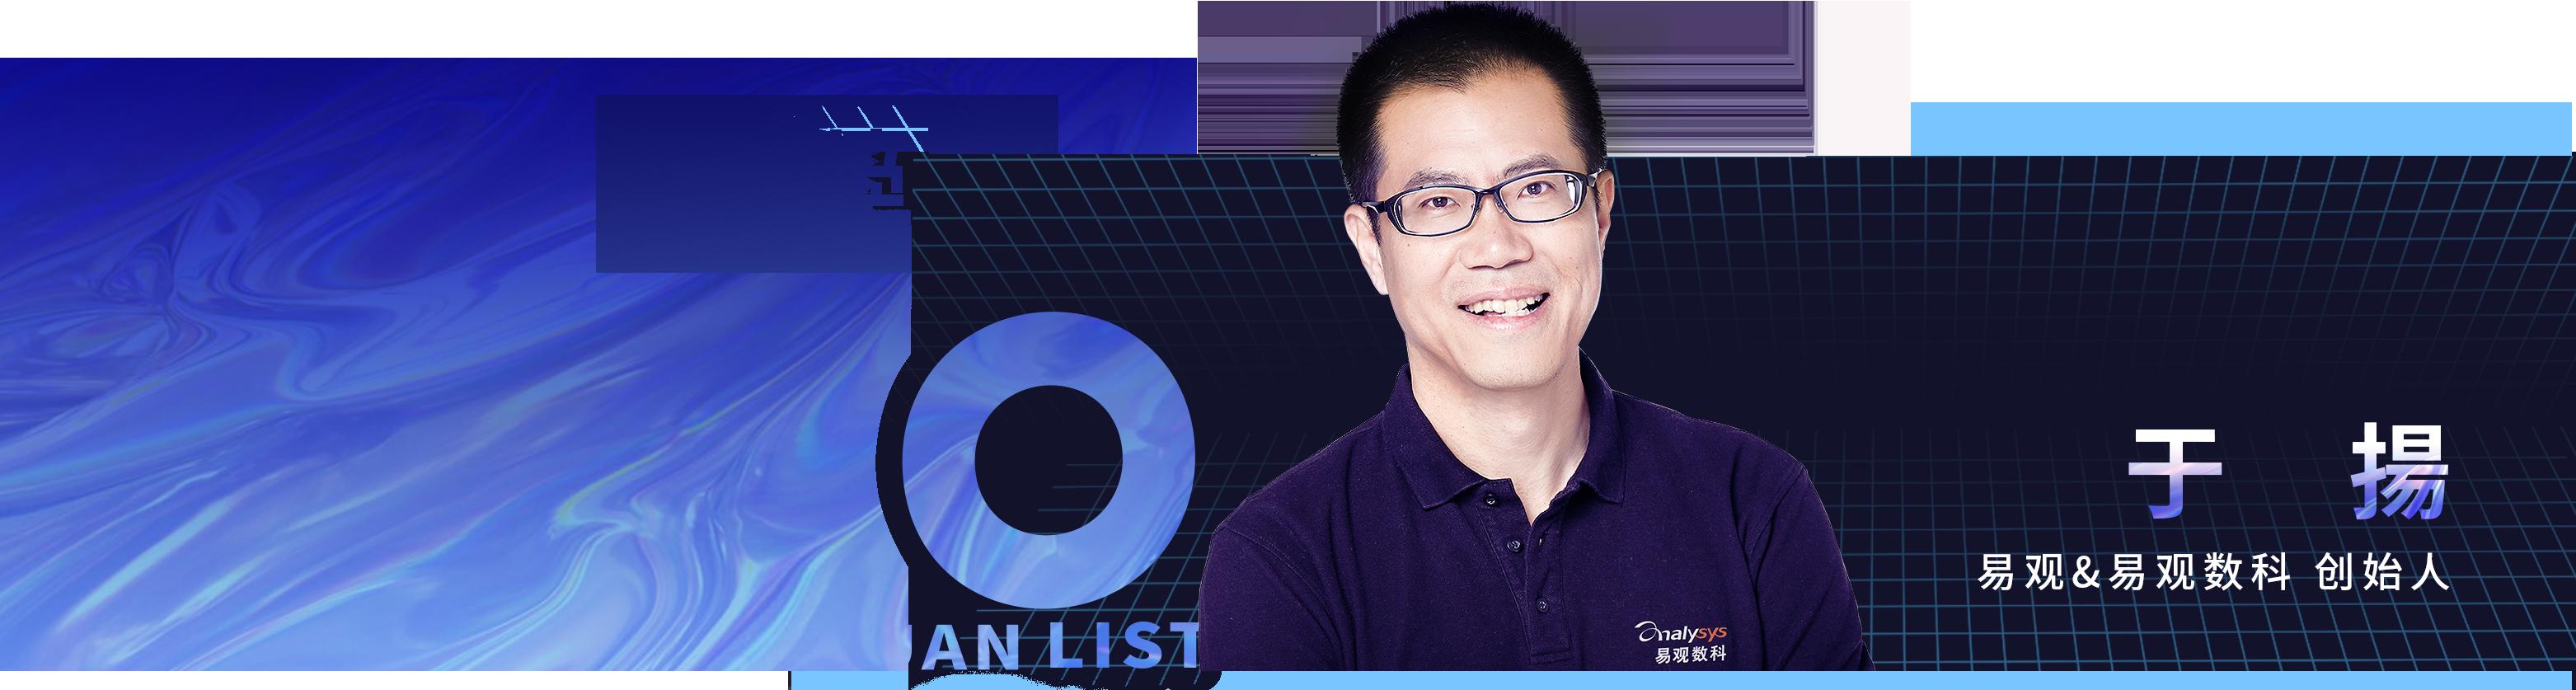 「年度榜单」2020大数据产业趋势人物丨数据猿·金猿榜